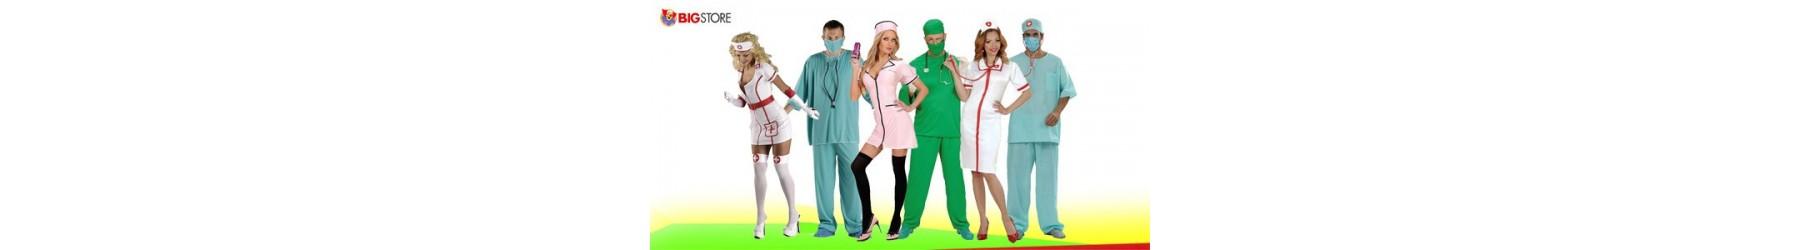 Αποκριάτικες στολές Ιατρών και Νοσοκόμων για Άντρες και Γυναίκες